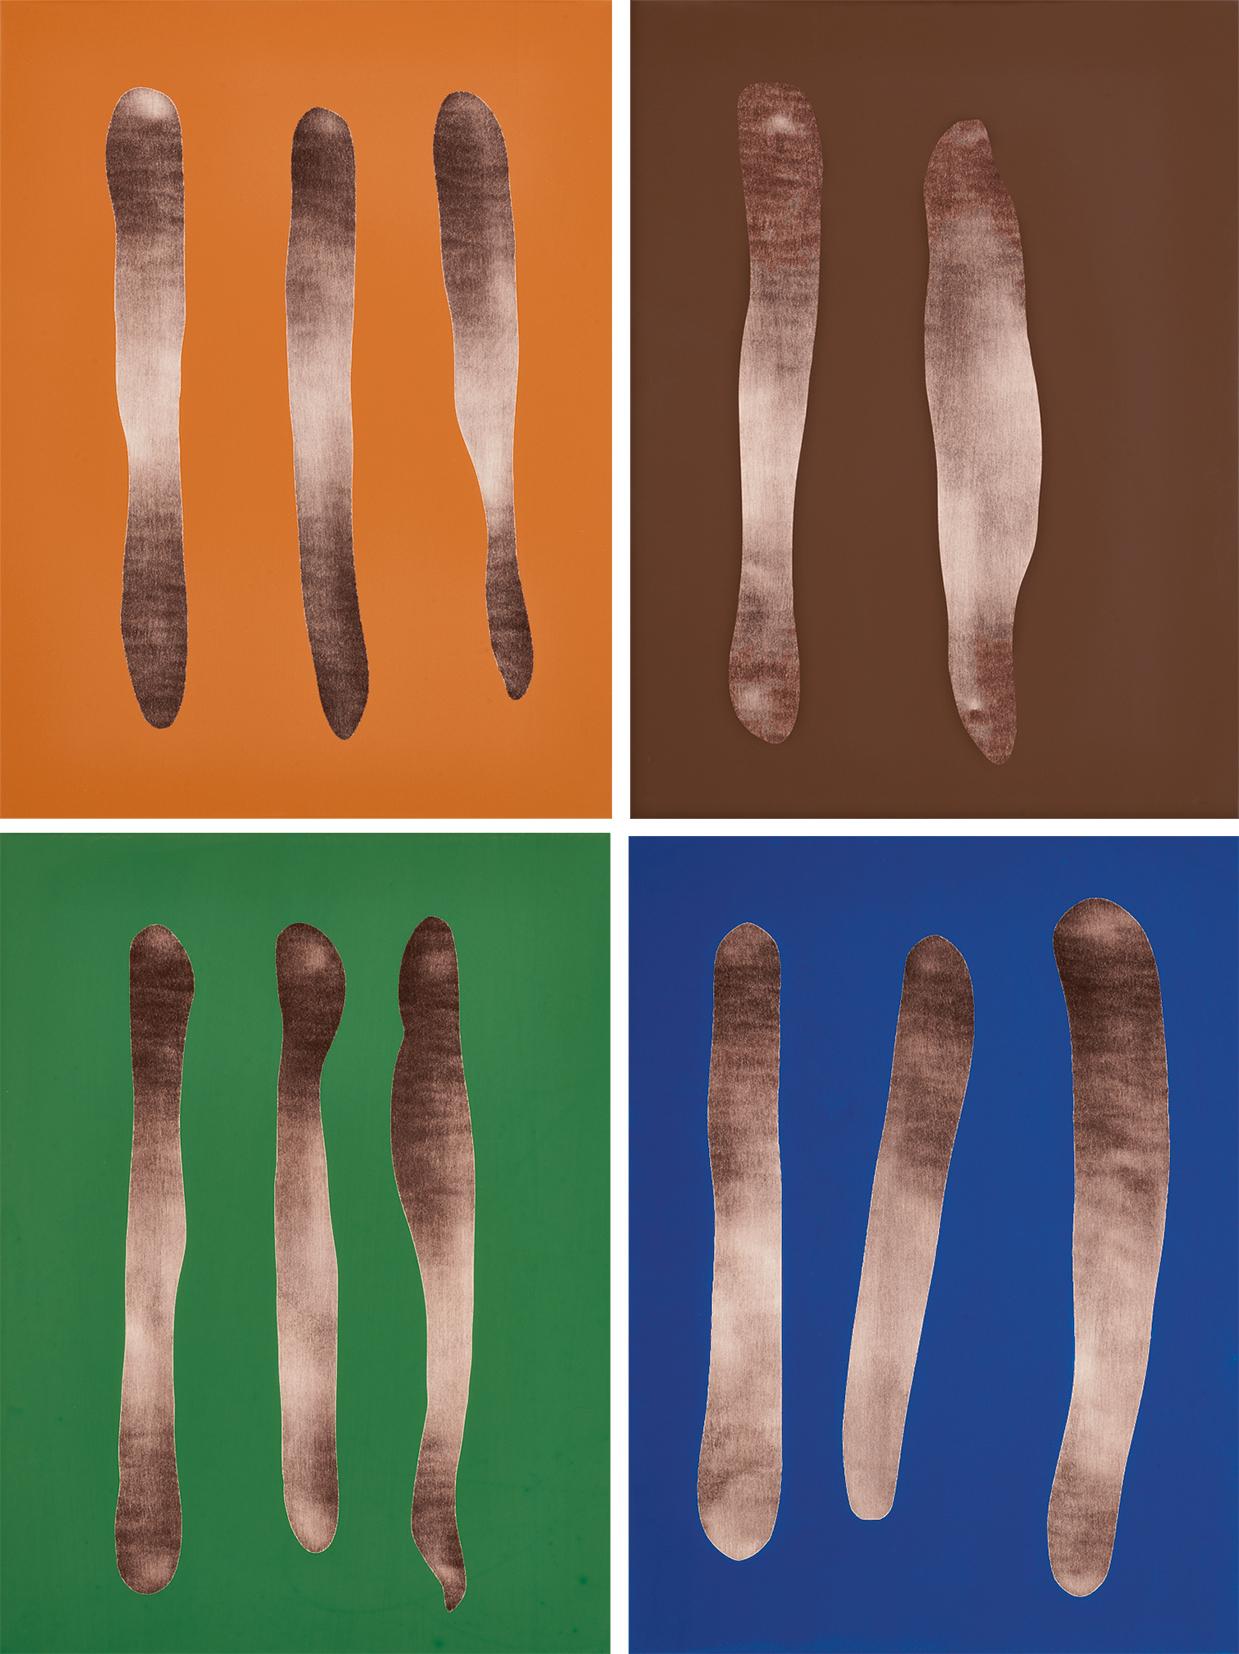 Förg Günther, 4 multiples: Mr. Blue, Mr. Brown, Mr. Orange, Mr. Green